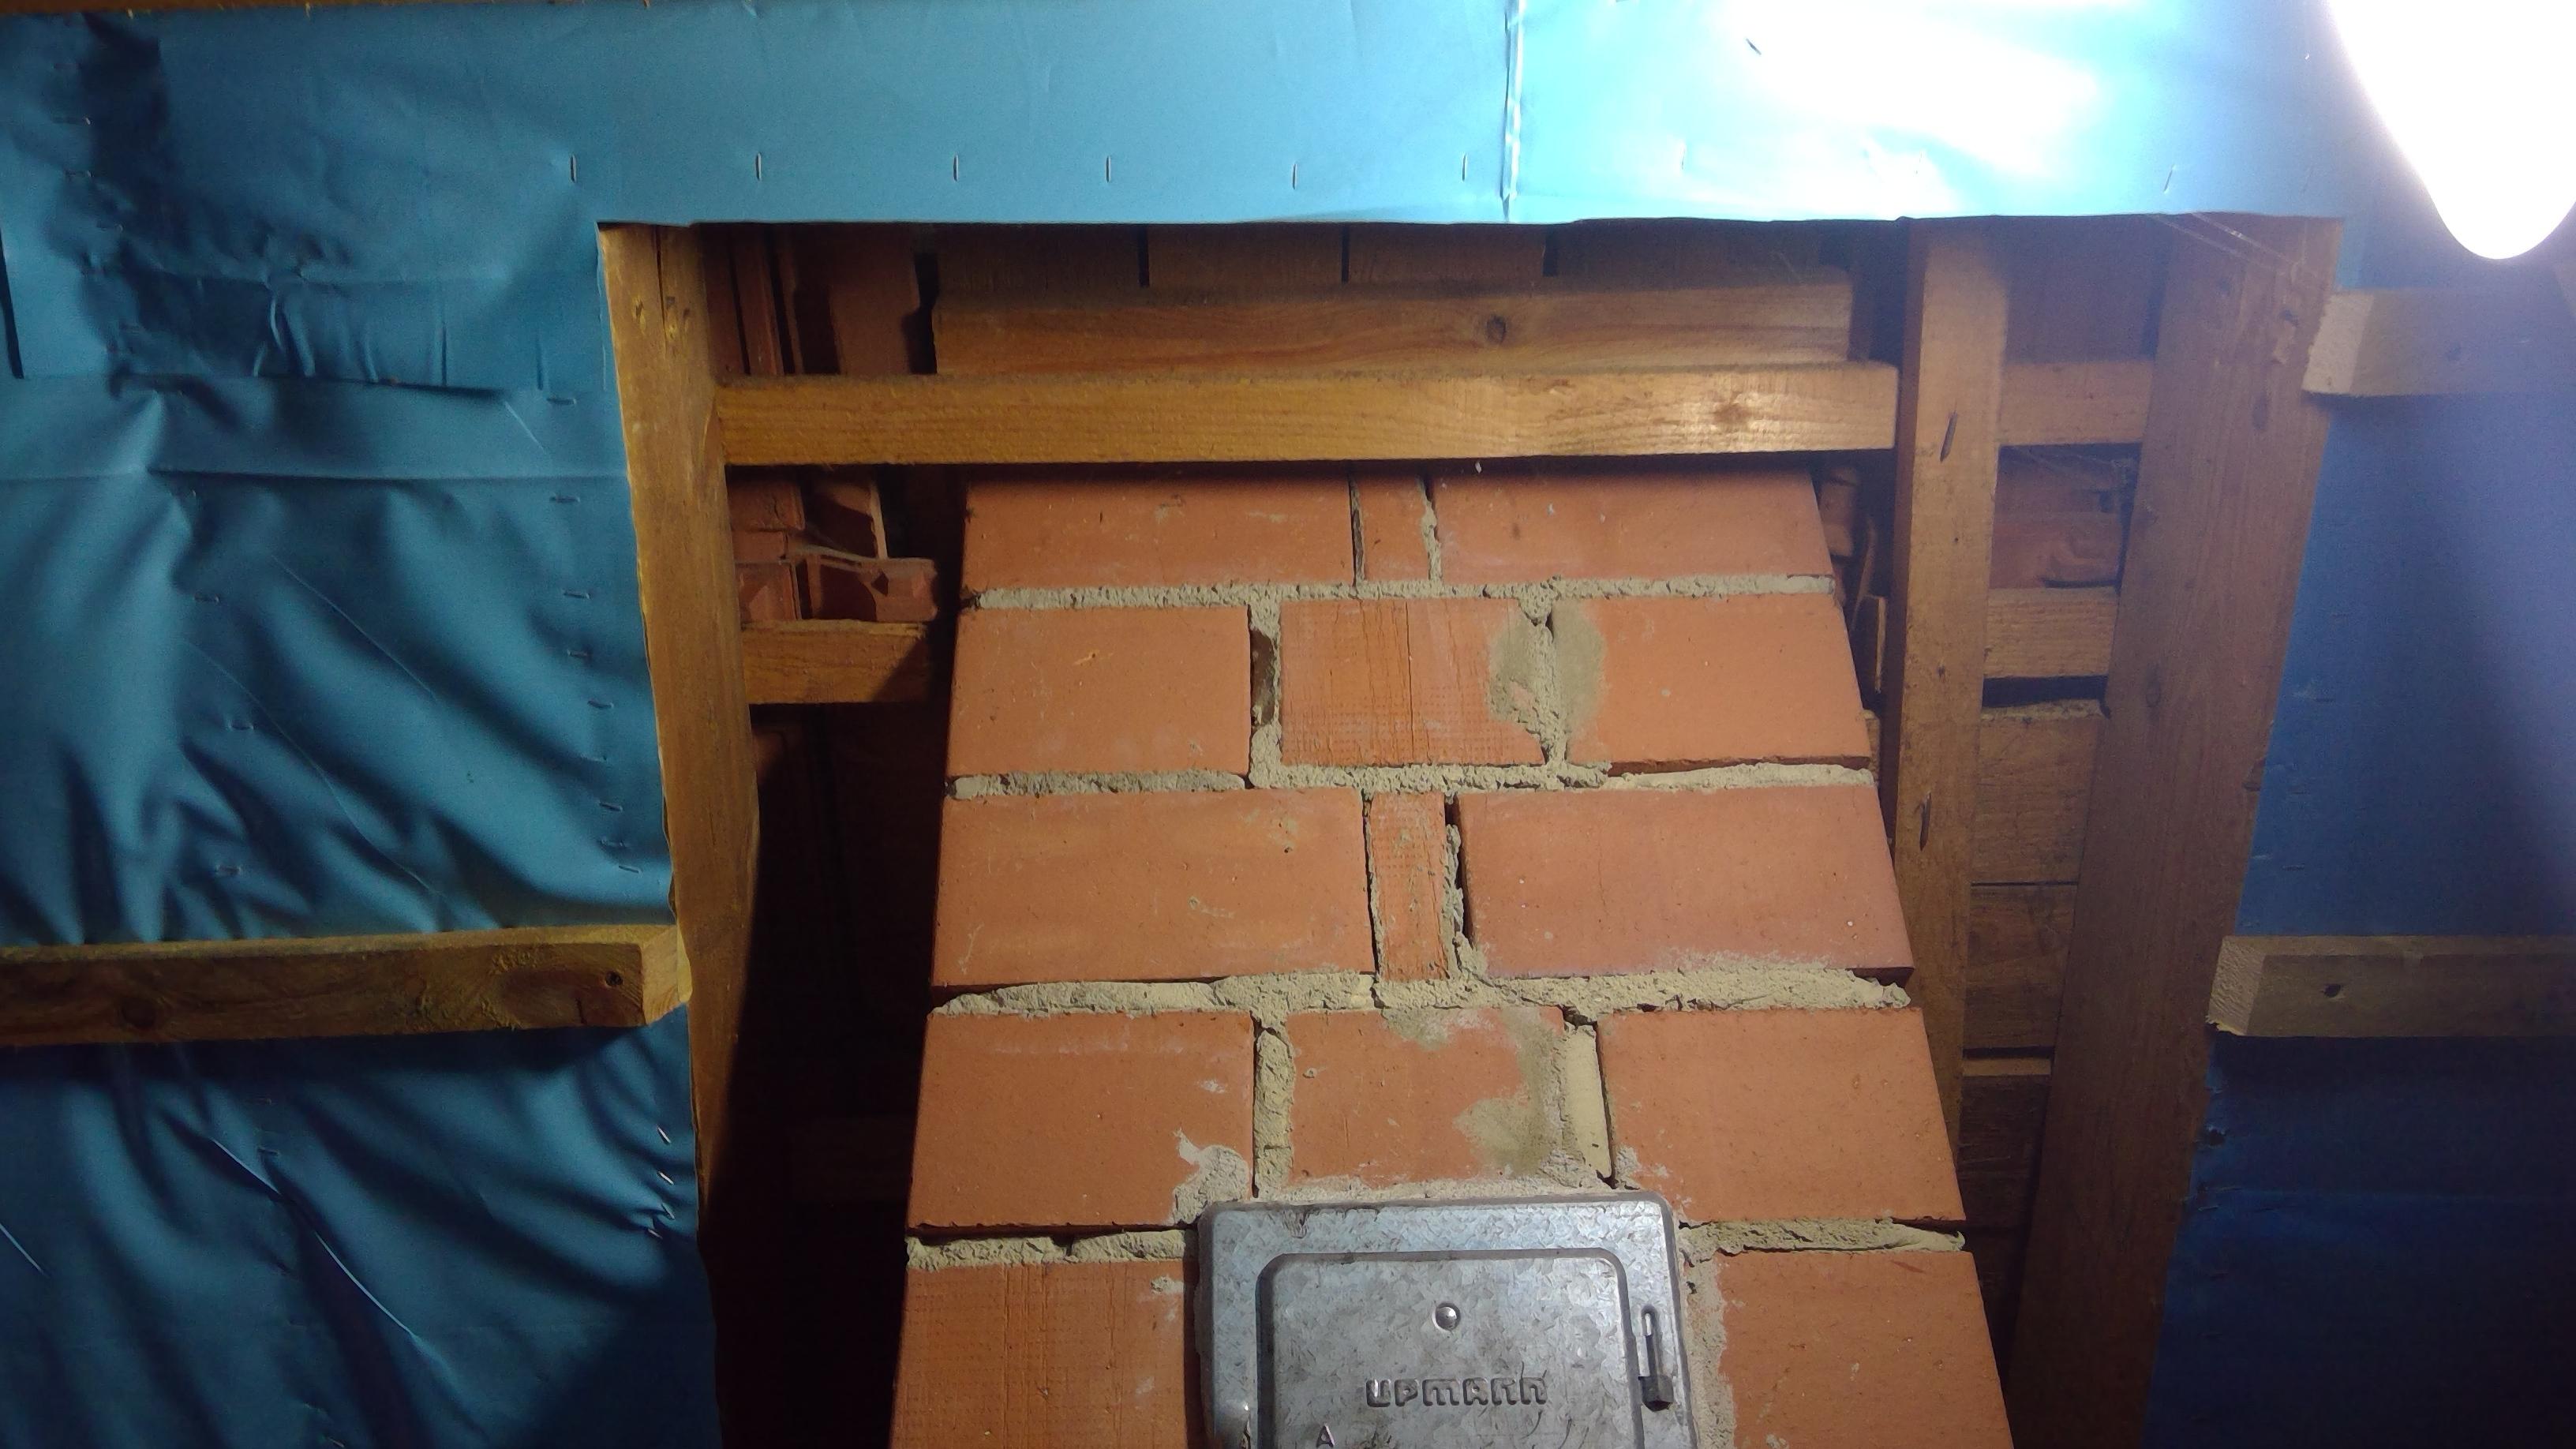 Verkleidung Dachboden Giebel Und Schornstein Bj95 Haustechnikdialog